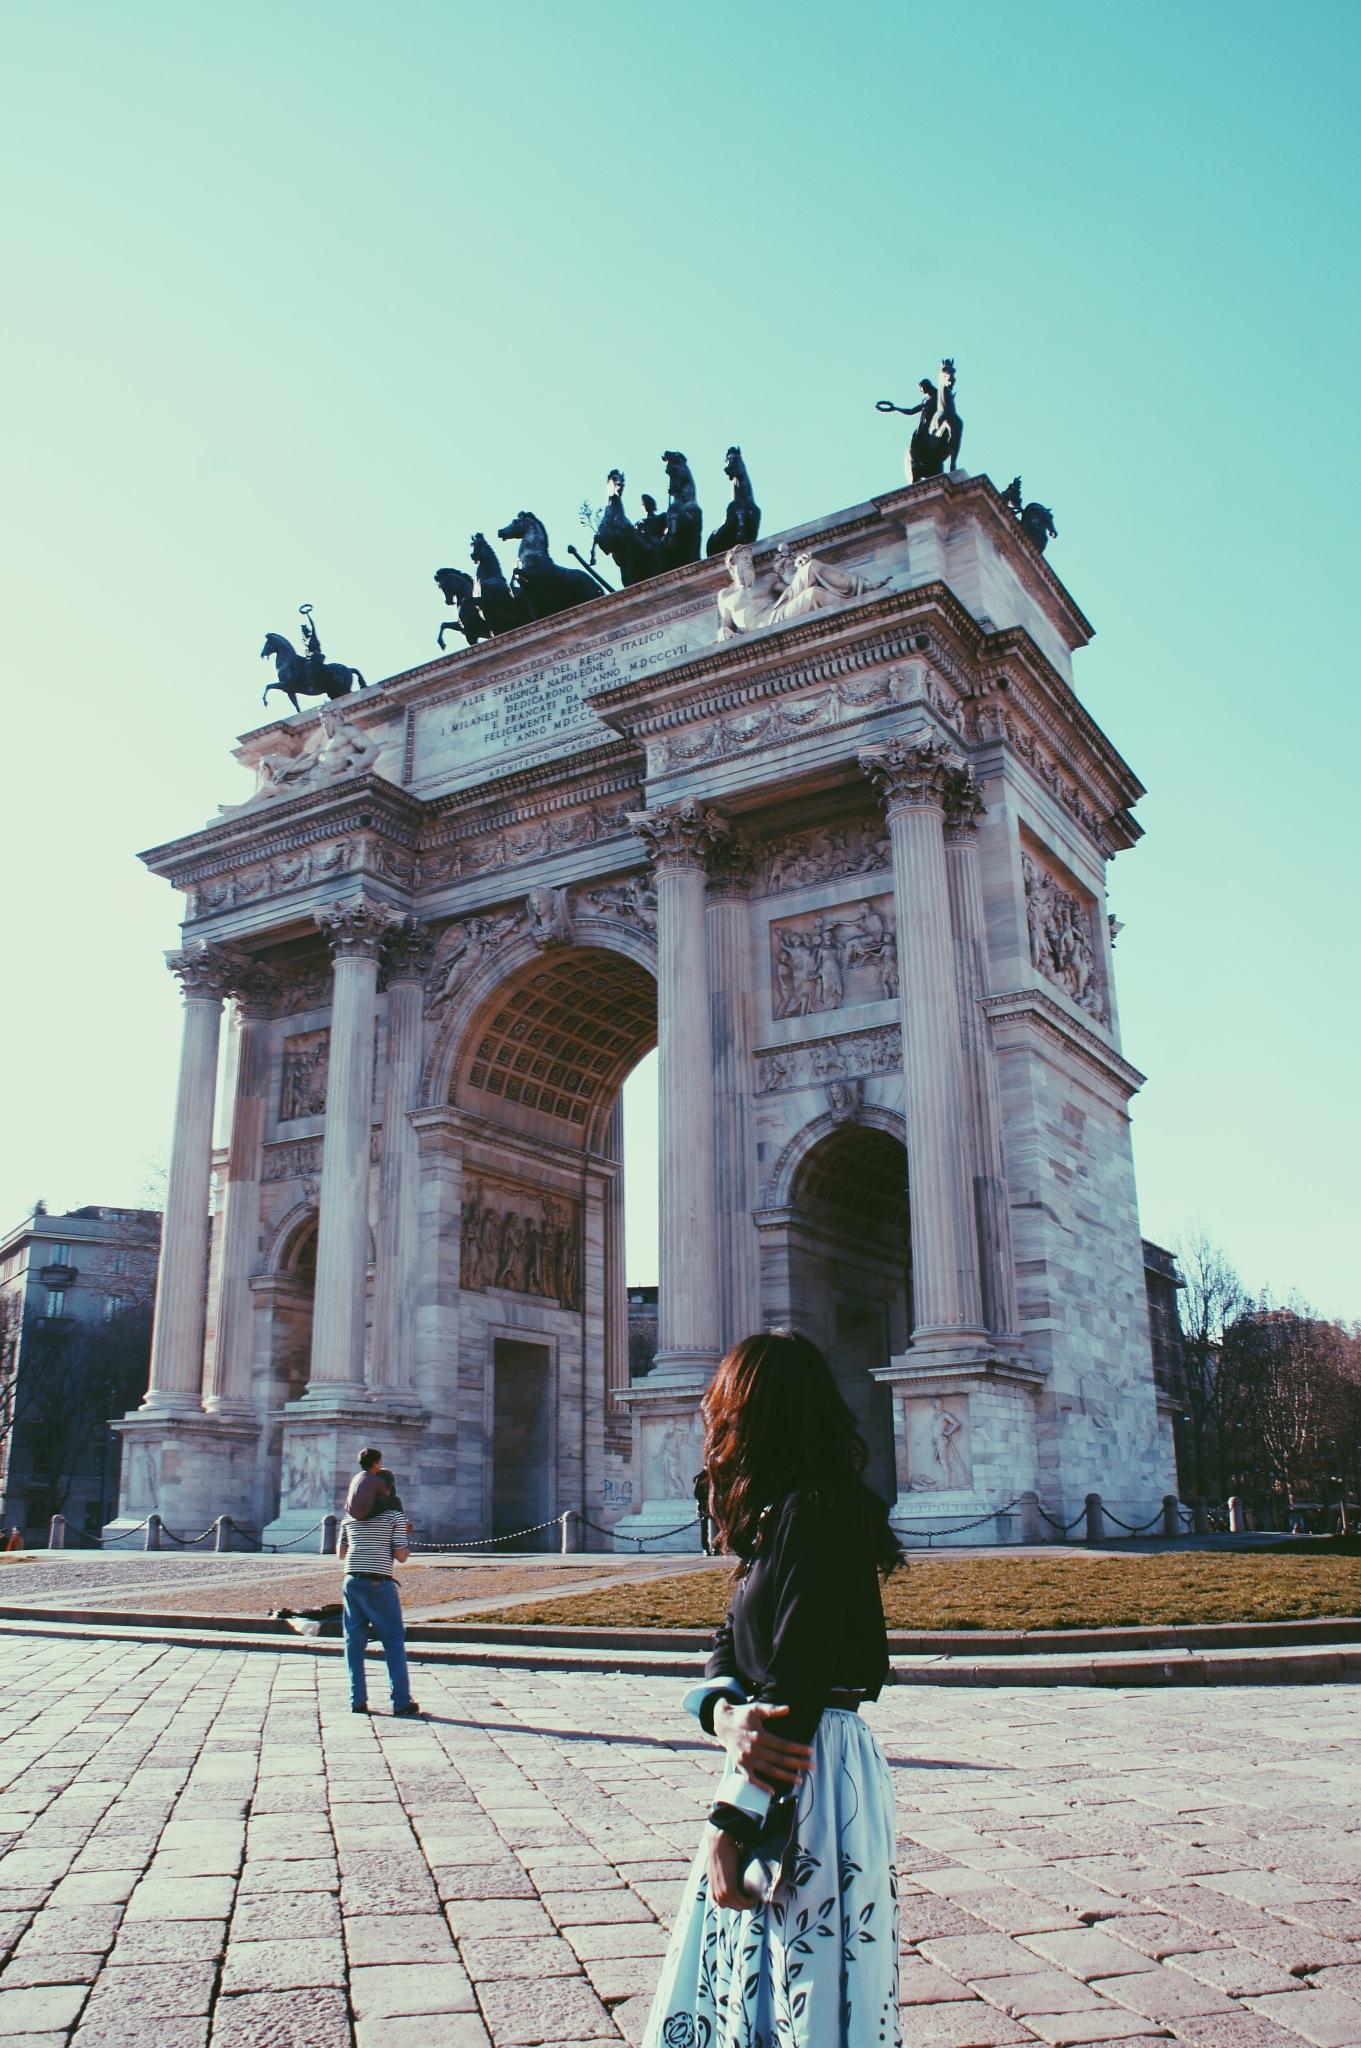 Milan by Fashionsetusfree